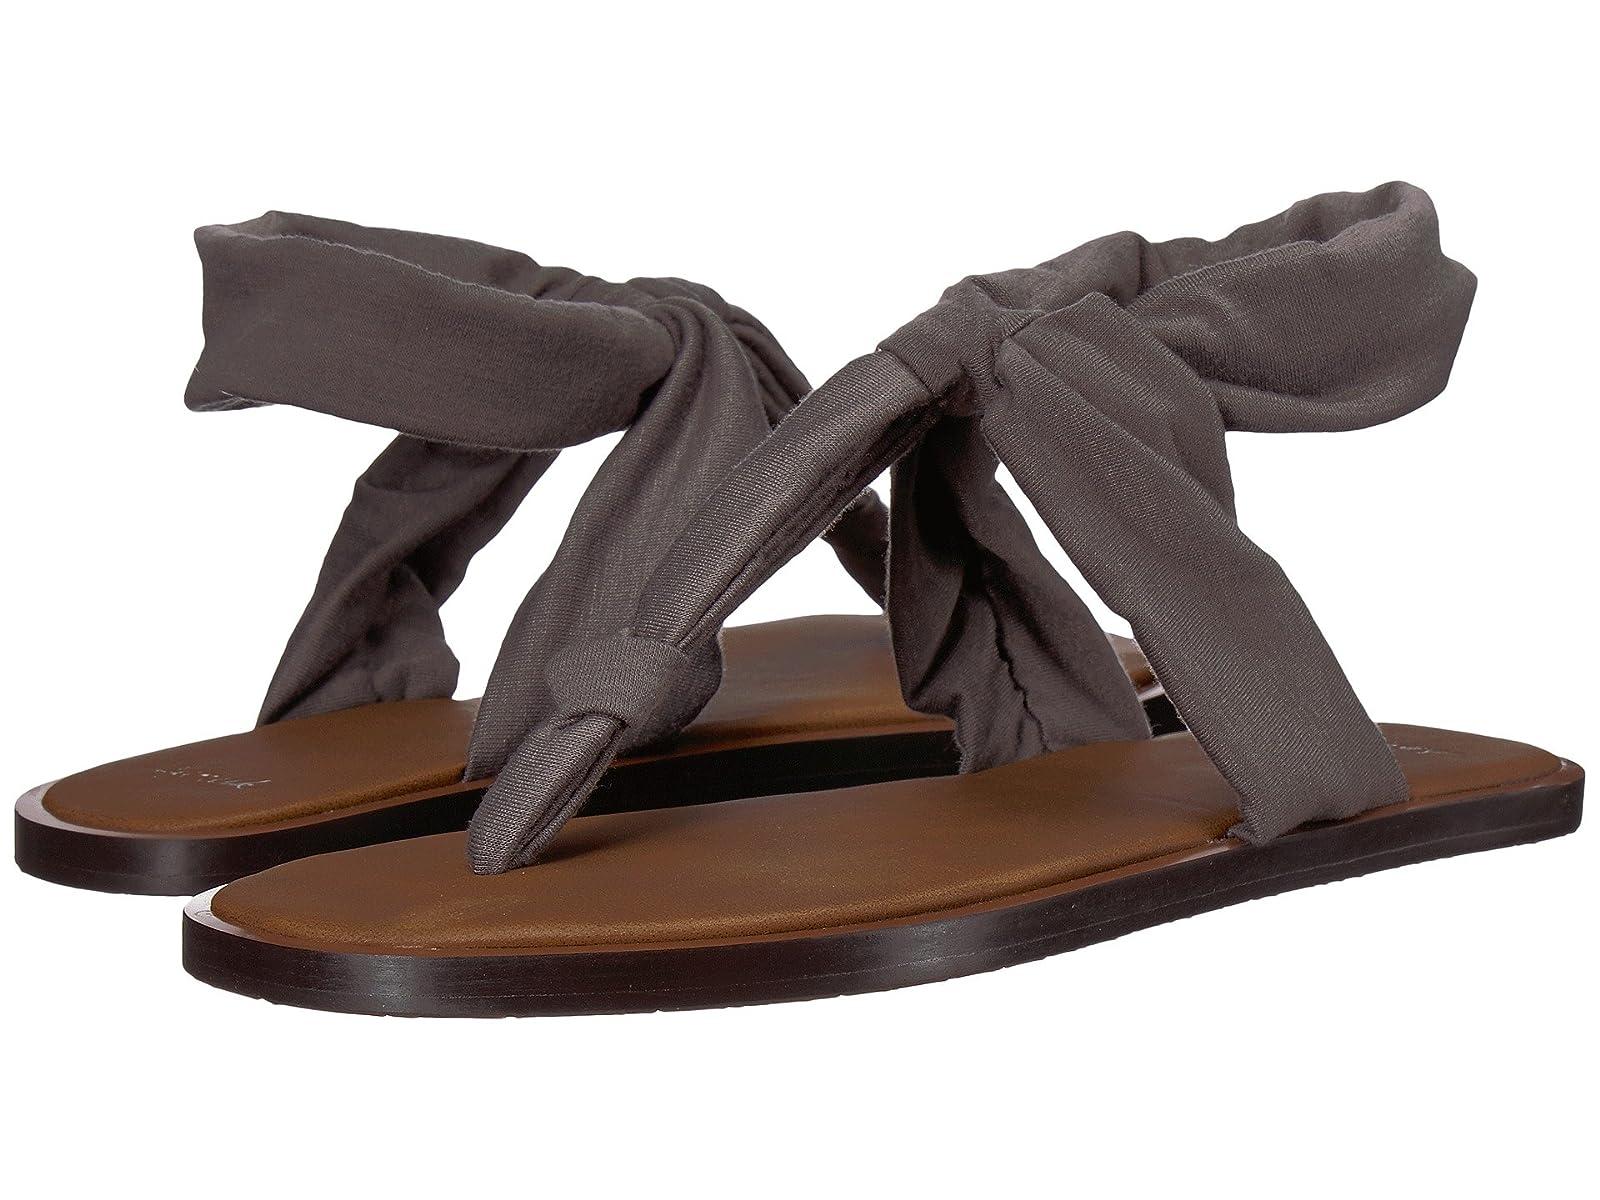 Sanuk Yoga Sling Ella LXAtmospheric grades have affordable shoes